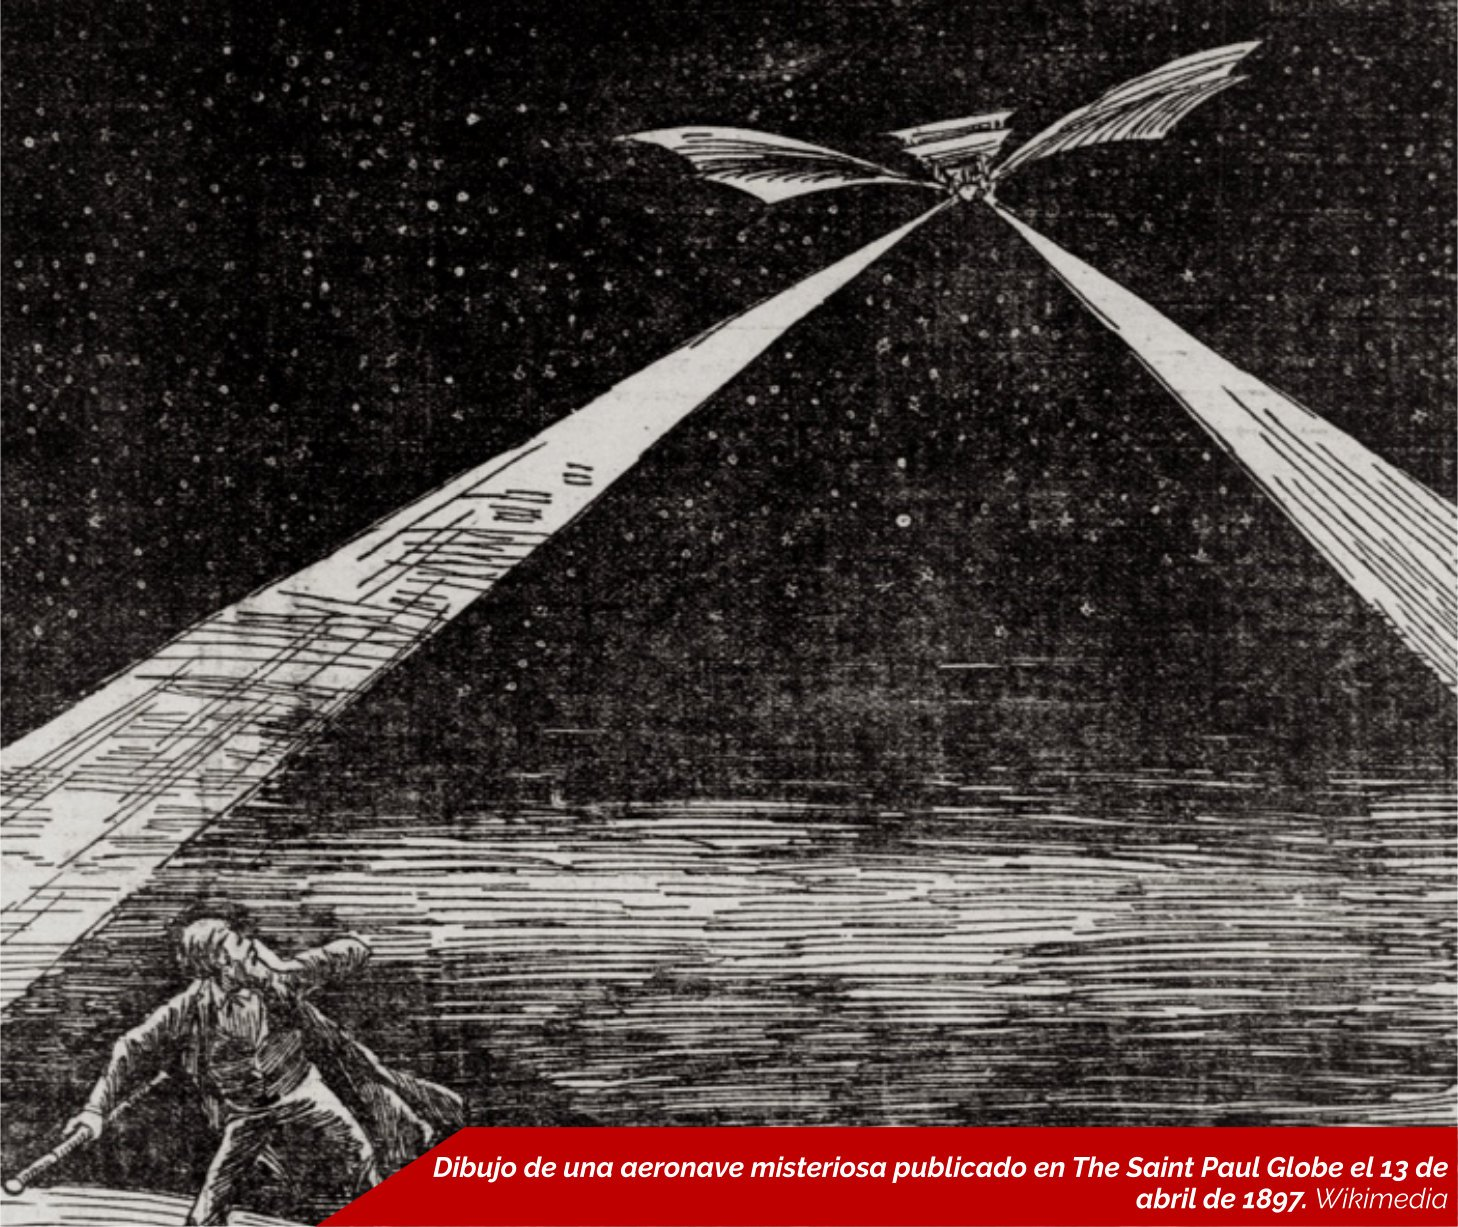 Dibujomisteryairships, Planeta Incógnito